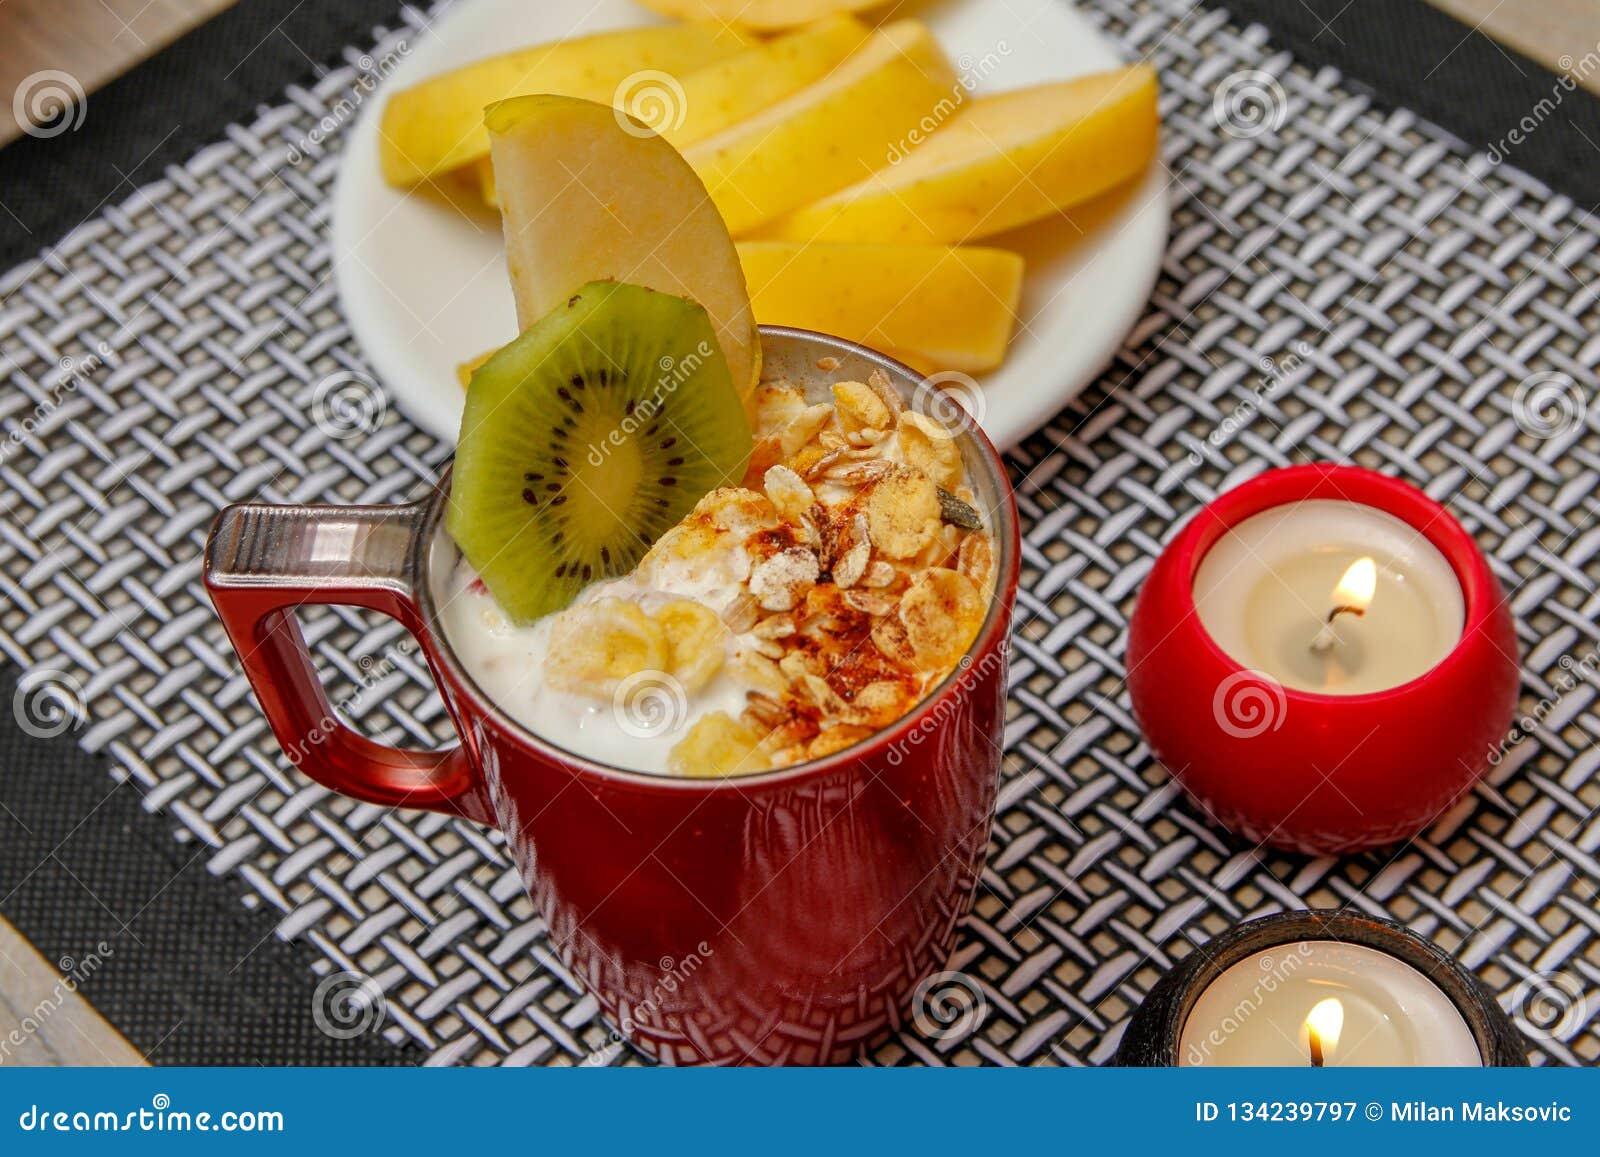 Comida sana, diversas semillas, cereales integrales y frutas secadas en yogur Fruta fresca, manzana, kiwi y caqui